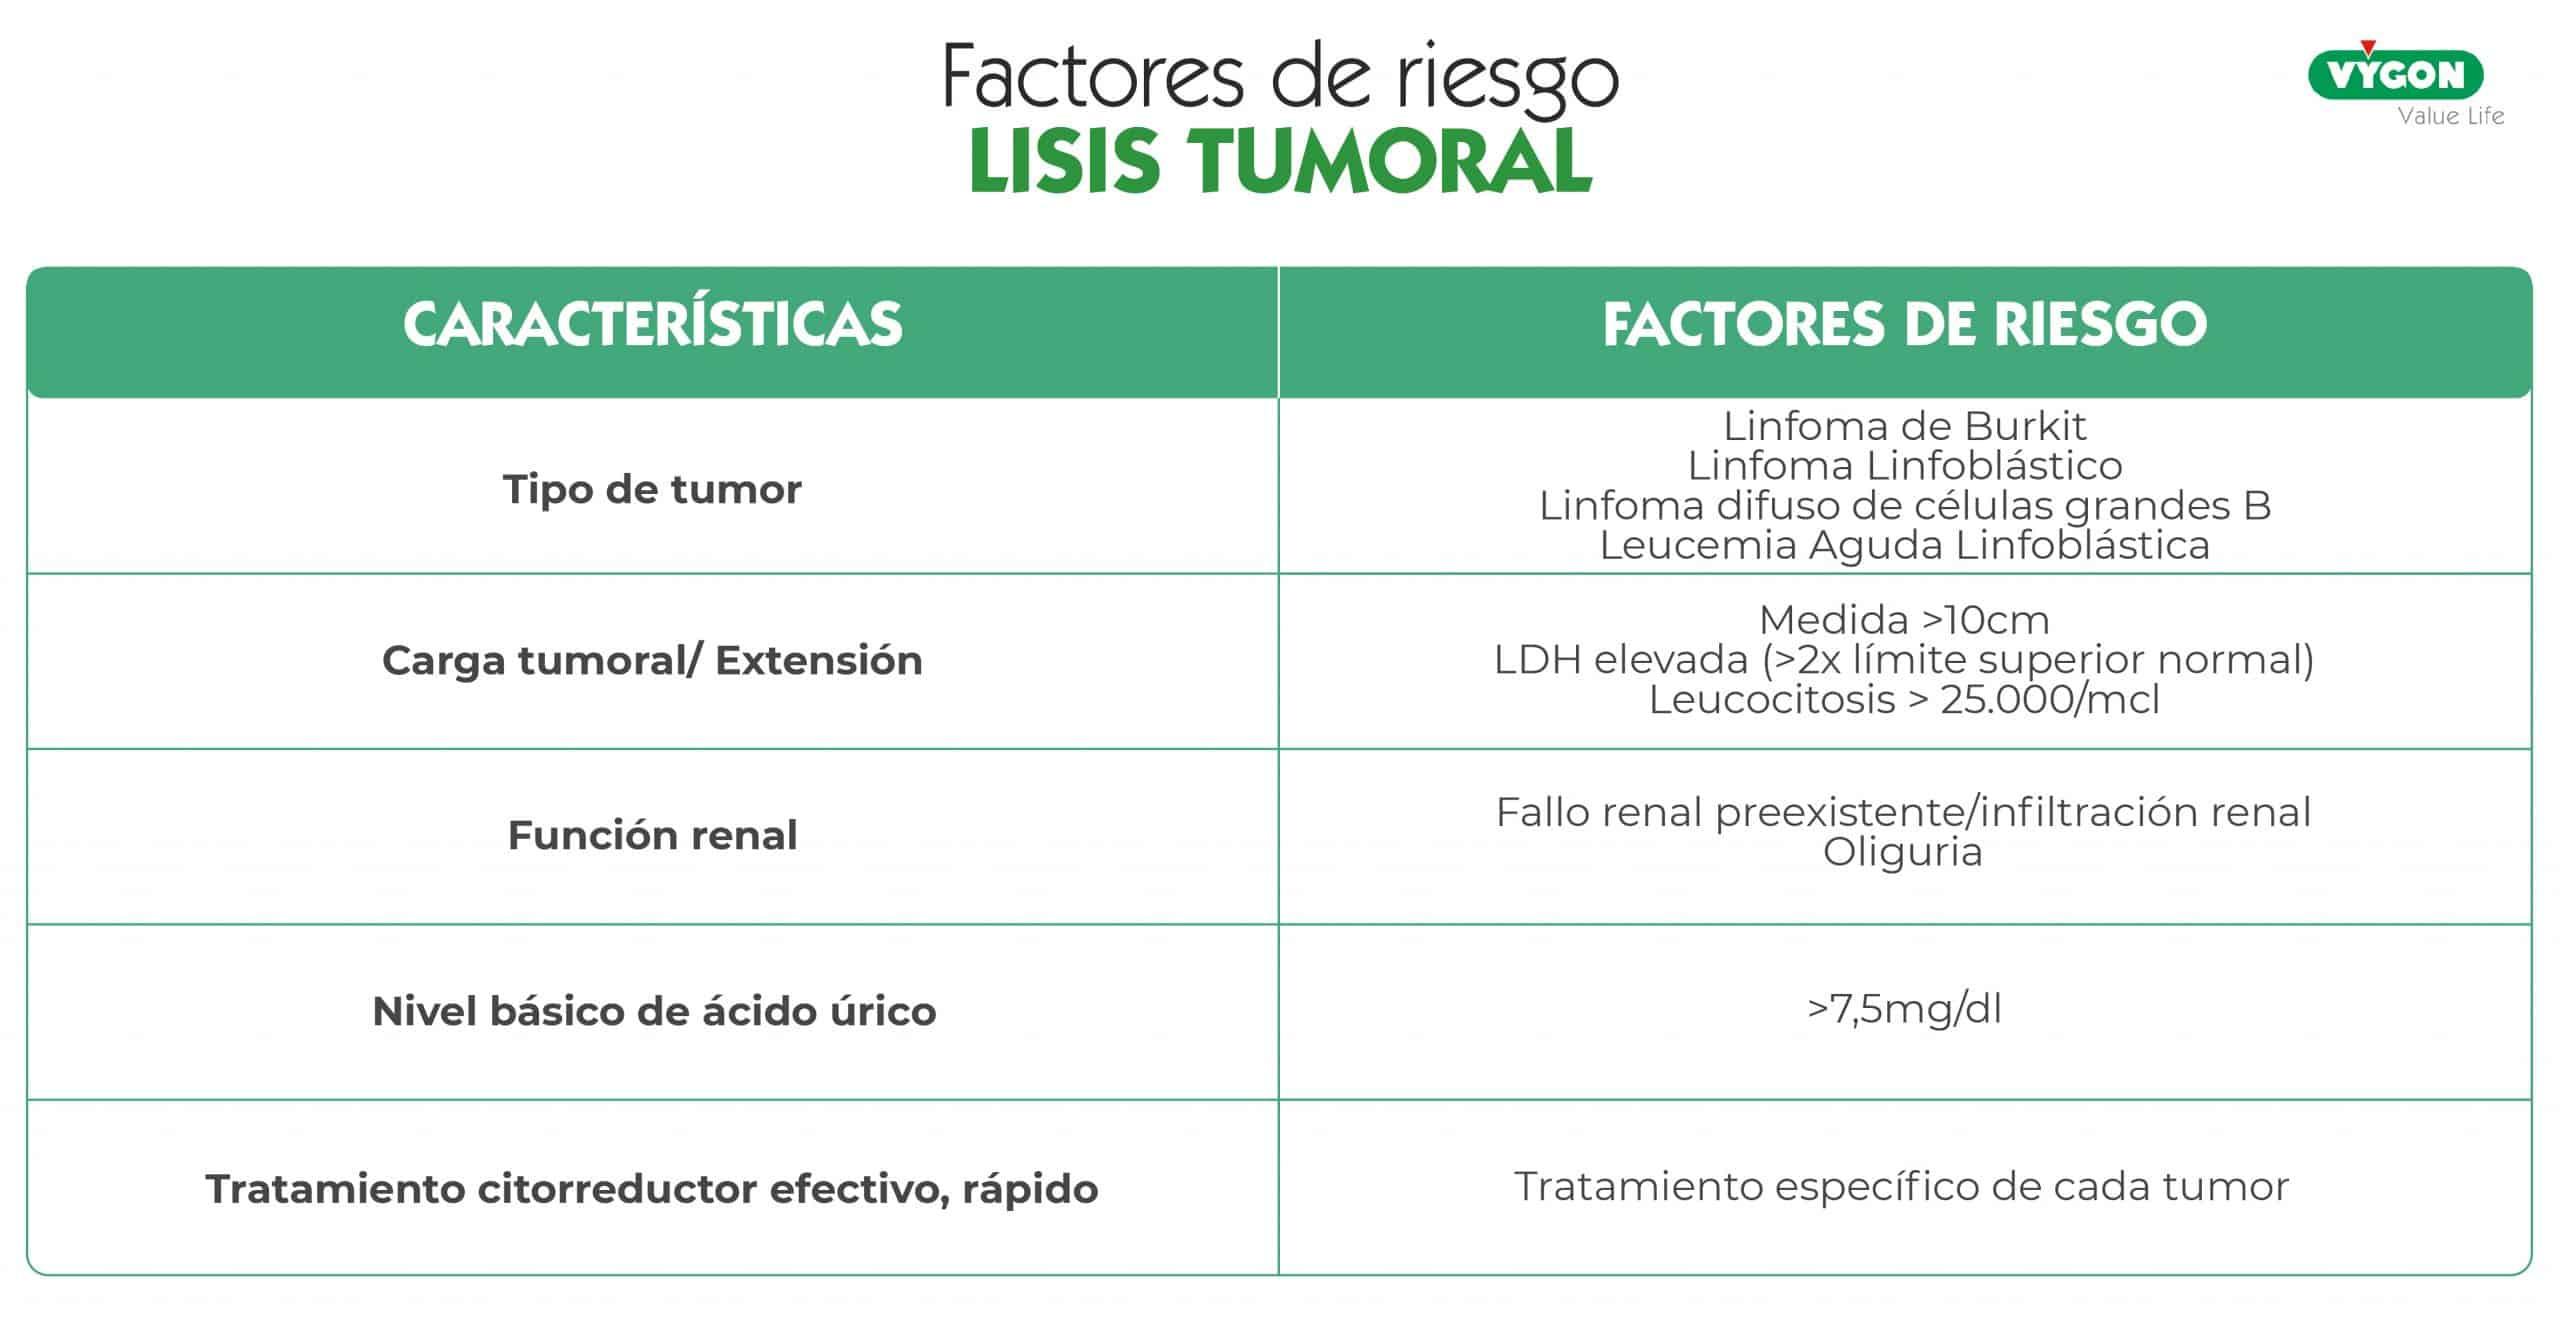 factores de riesgo lisis tumoral